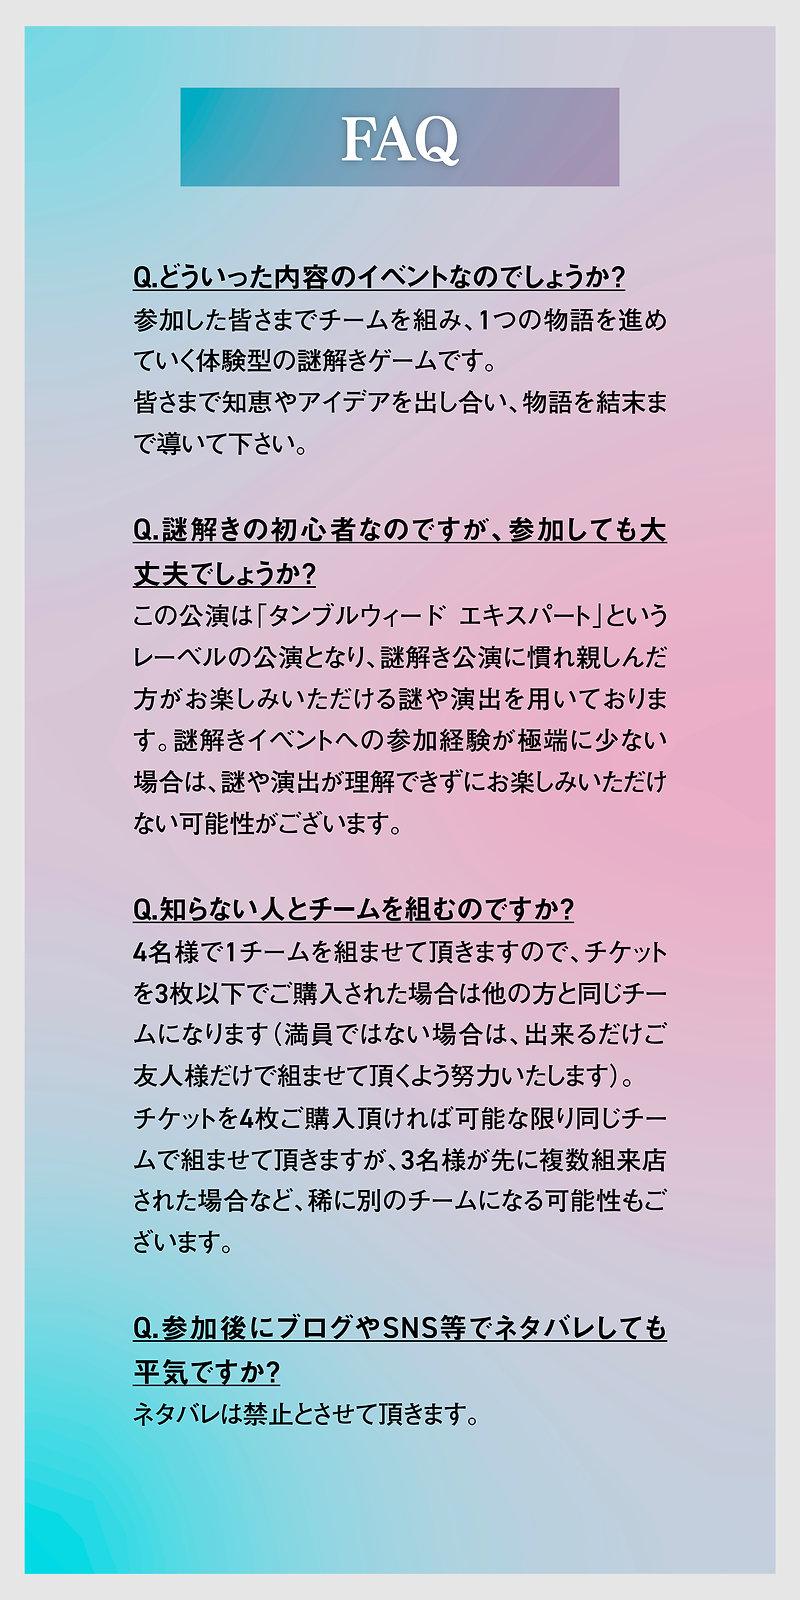 W_5.jpg